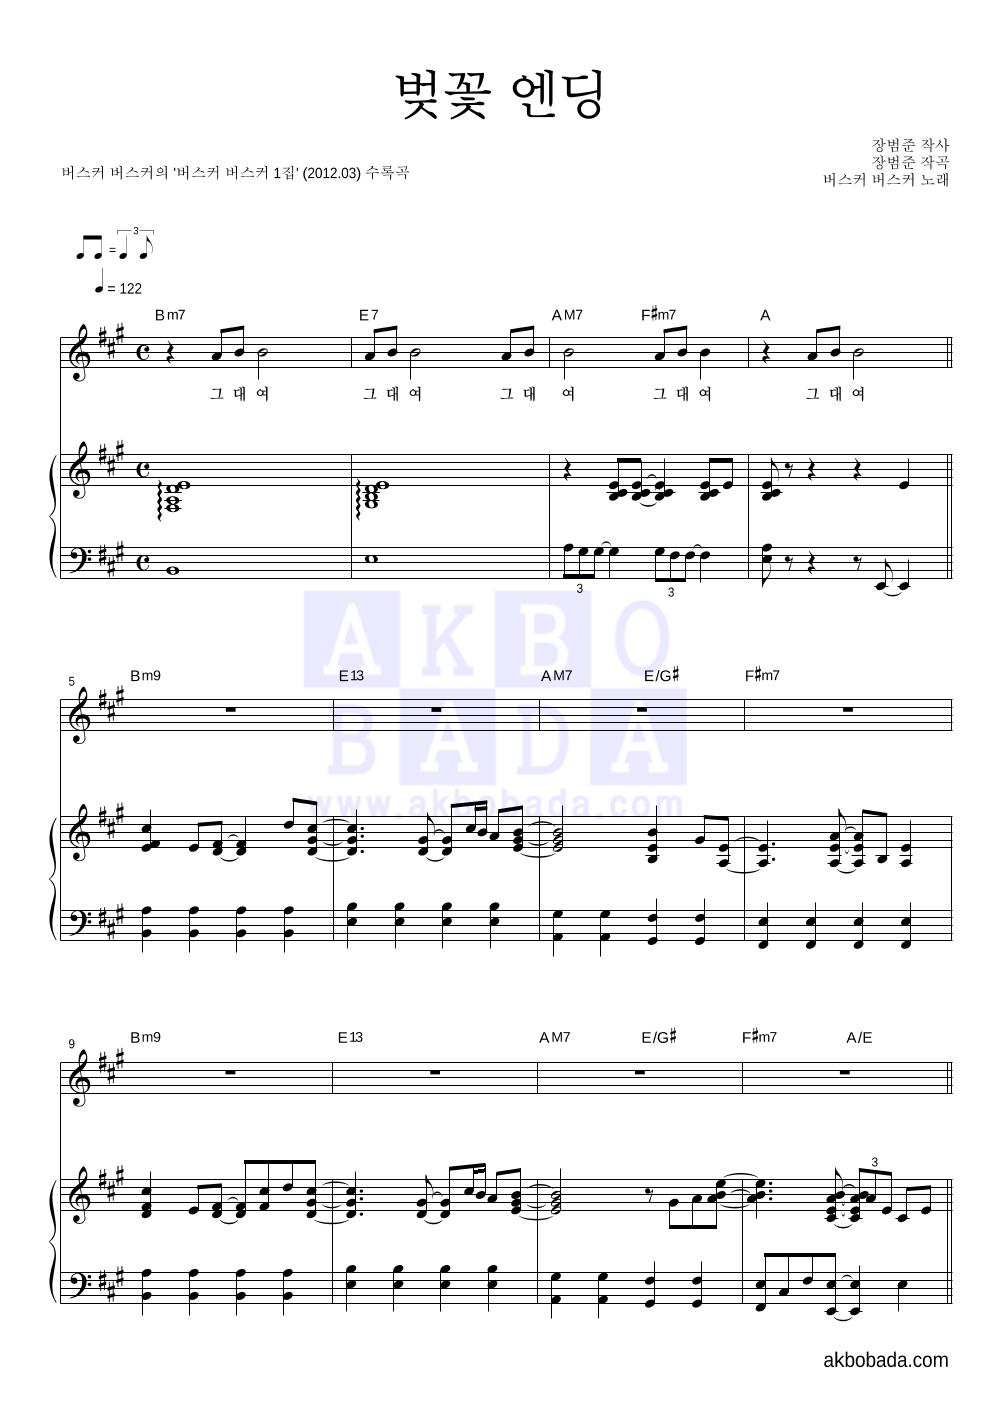 버스커 버스커 - 벚꽃 엔딩 피아노 3단 악보